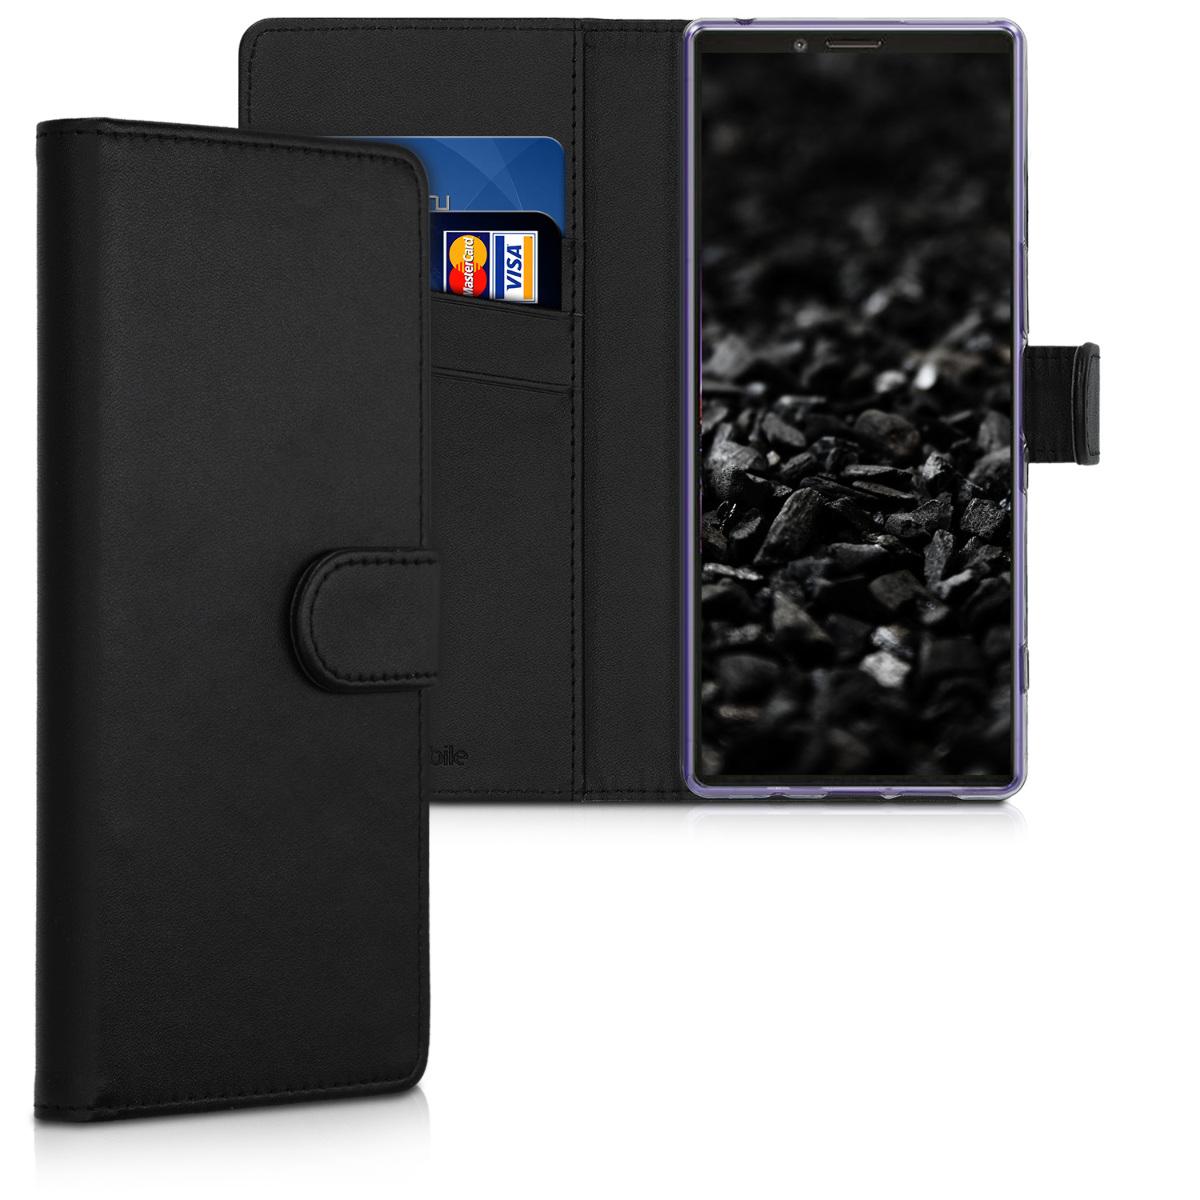 KW Θήκη Πορτοφόλι Sony Xperia 1 - Black (49727.01)